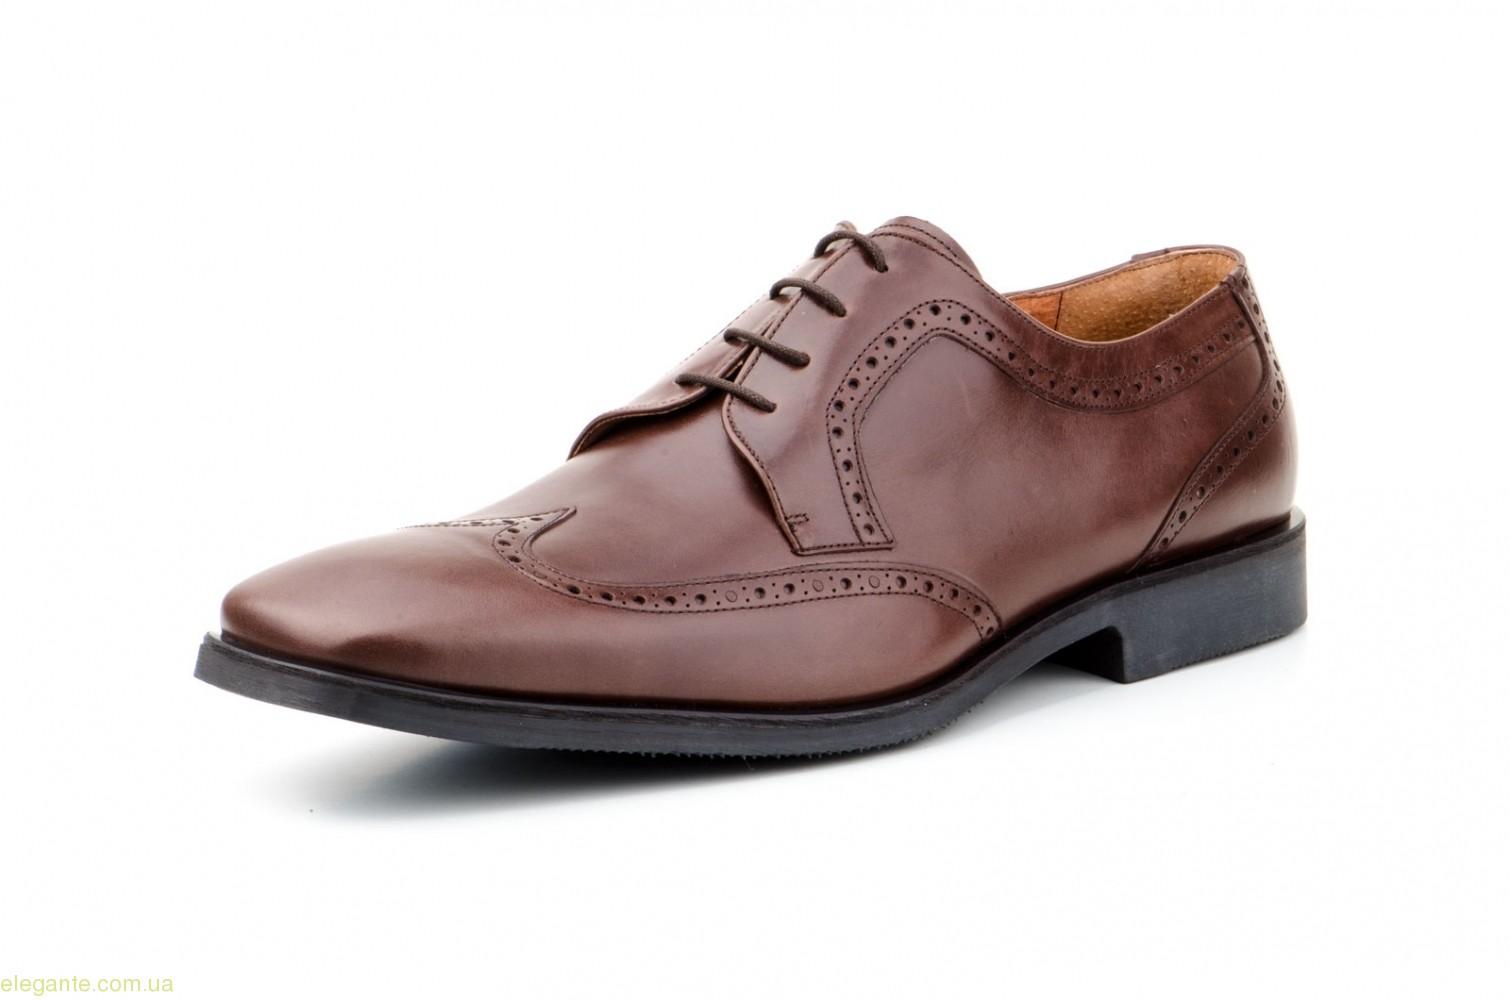 Чоловічі туфлі дербі CARLO GARELLI xxl коричневі 0